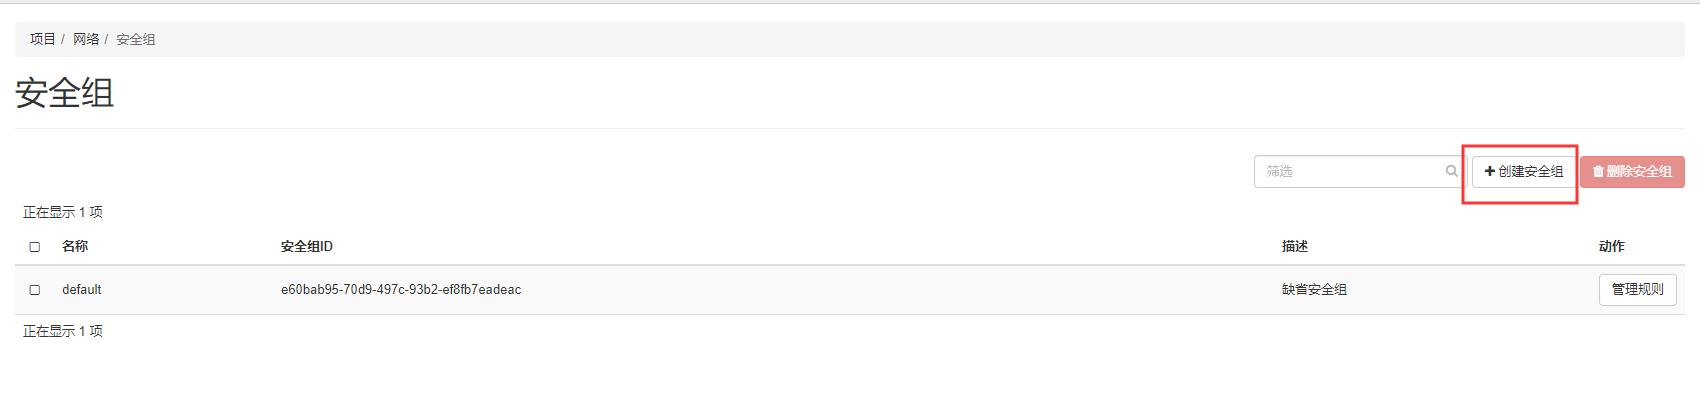 搭建Openstack开源云计算平台插图266